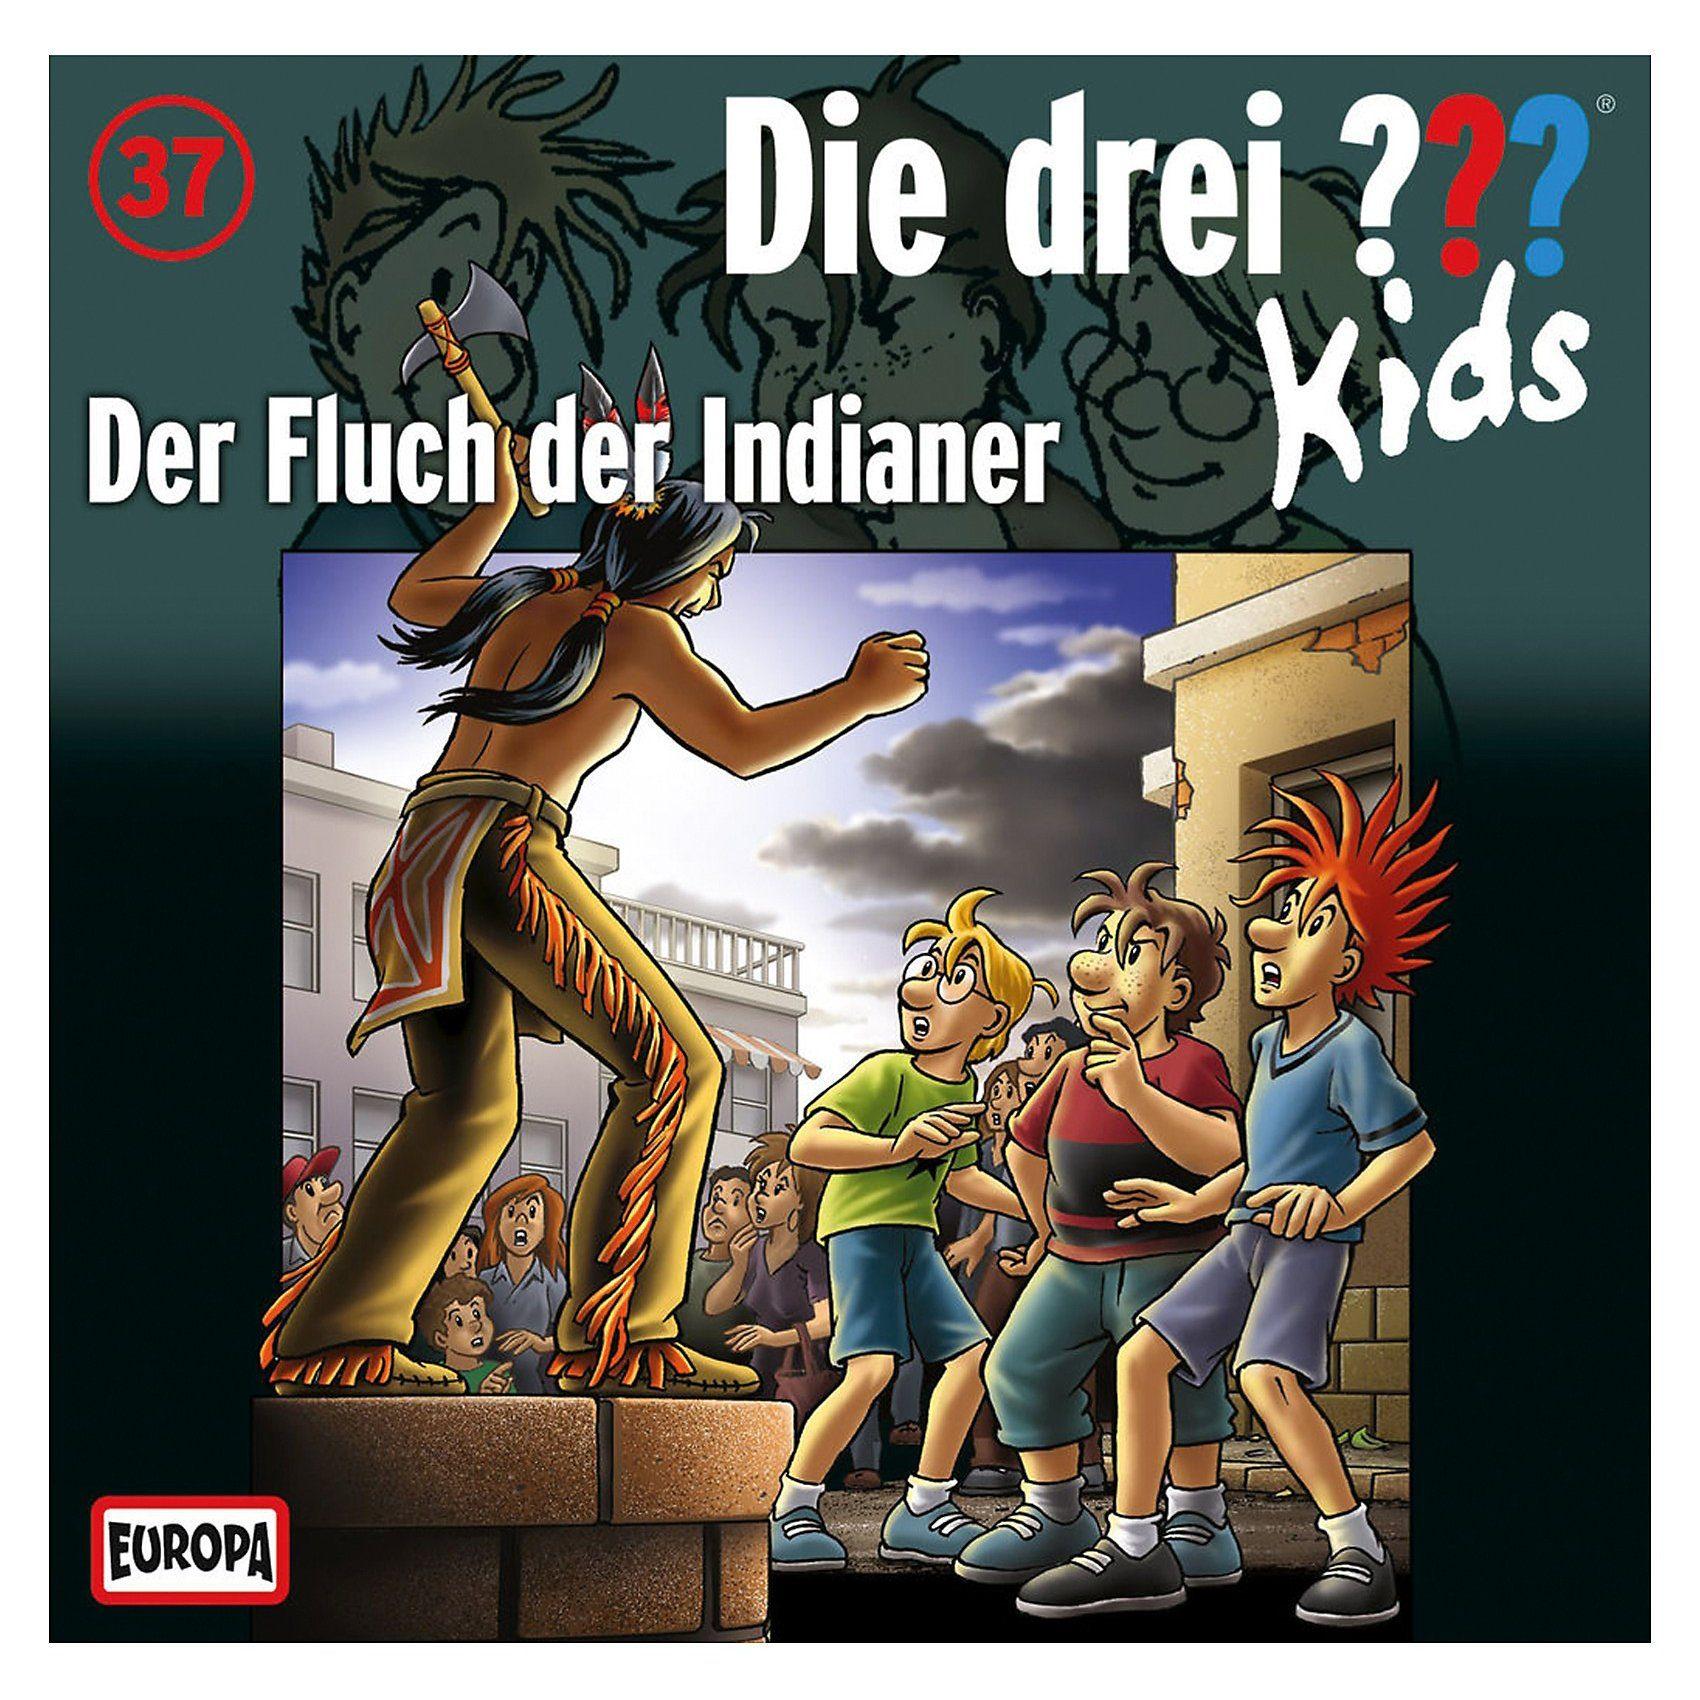 Sony CD Die drei ??? Kids 37 - Der Fluch der Indianer